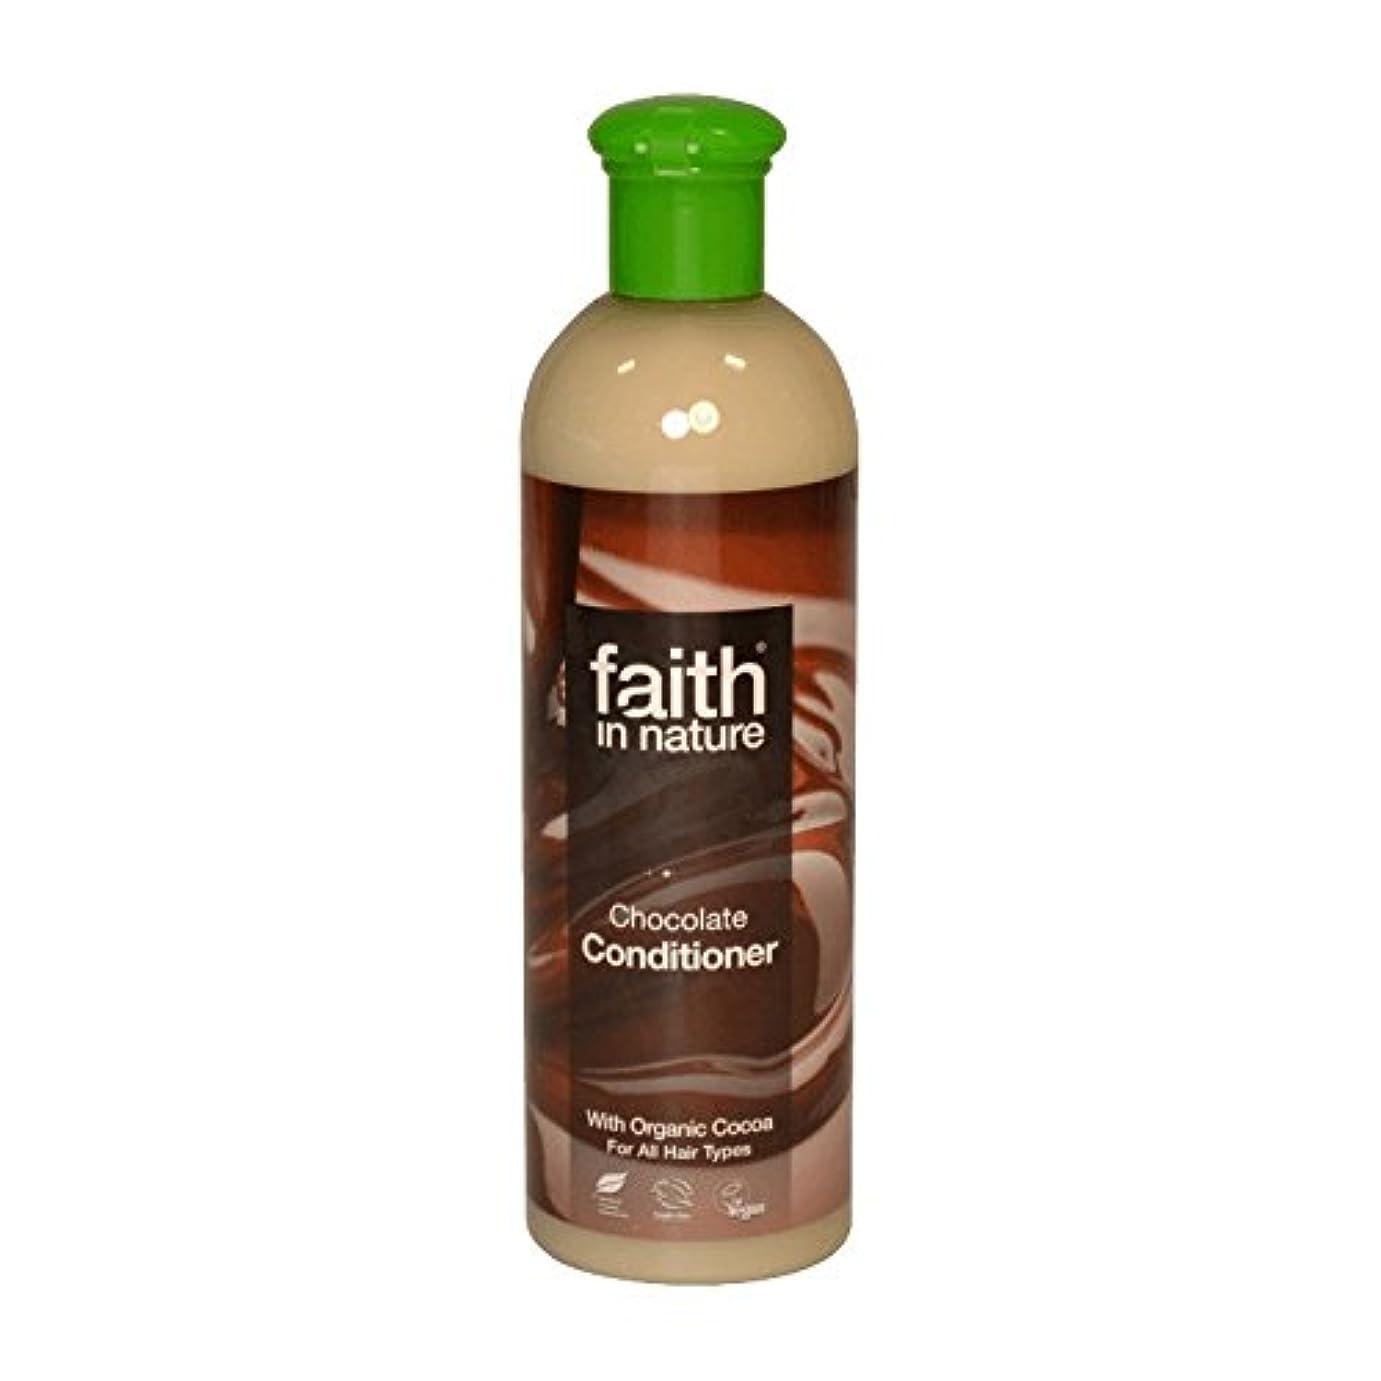 下着ブリッジタオルFaith In Nature Chocolate Conditioner 400ml (Pack of 2) - 自然チョコレートコンディショナー400ミリリットルの信仰 (x2) [並行輸入品]